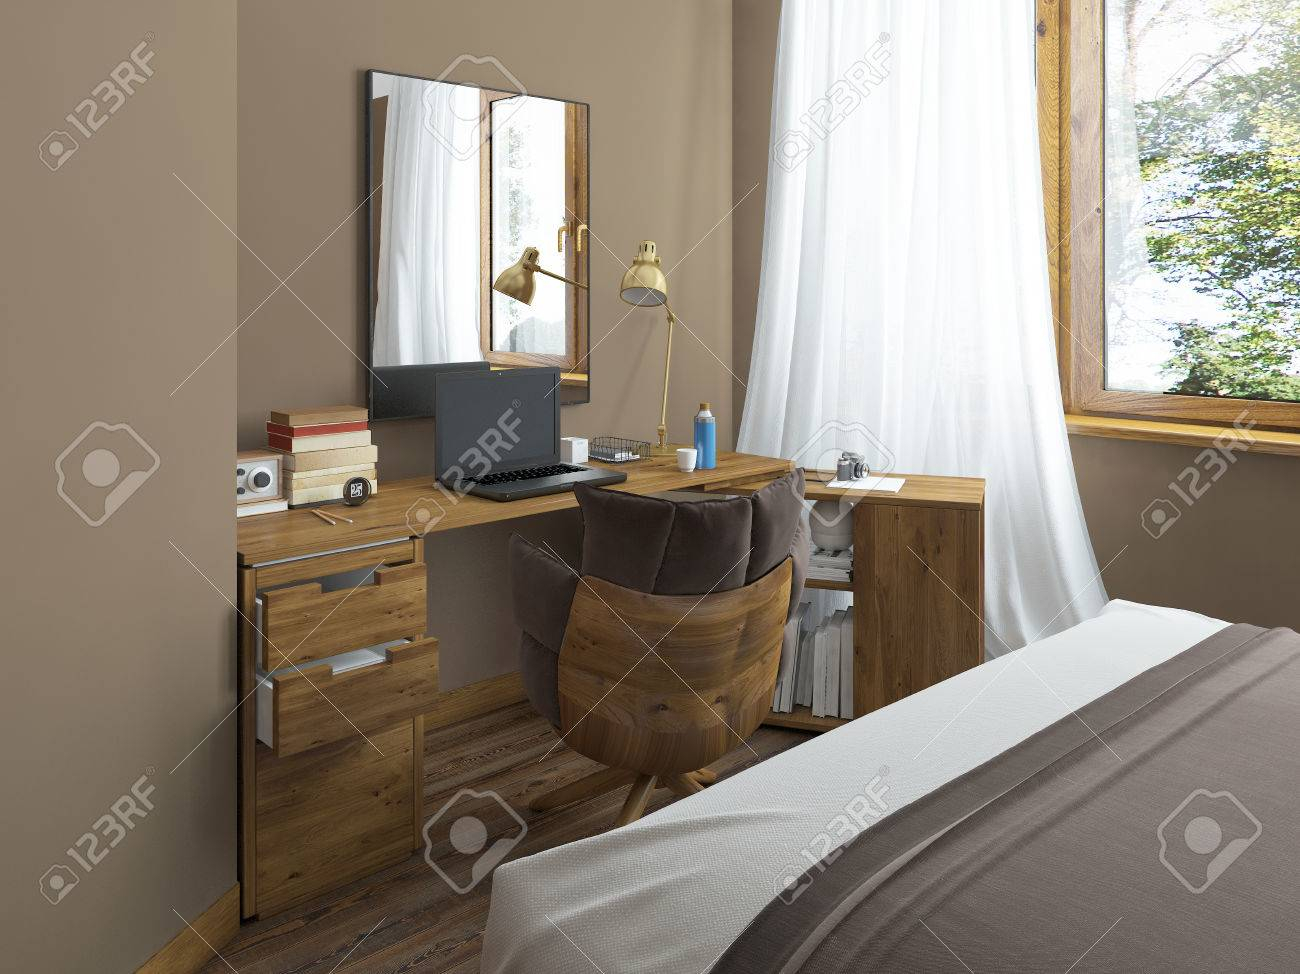 Full Size of Massivholz Schlafzimmer Schreibtisch In Einem Rauch Betten Teppich Luxus Günstige Komplett Set Weiß Schränke Wandtattoo Esstisch Regal Guenstig Nolte Schlafzimmer Massivholz Schlafzimmer